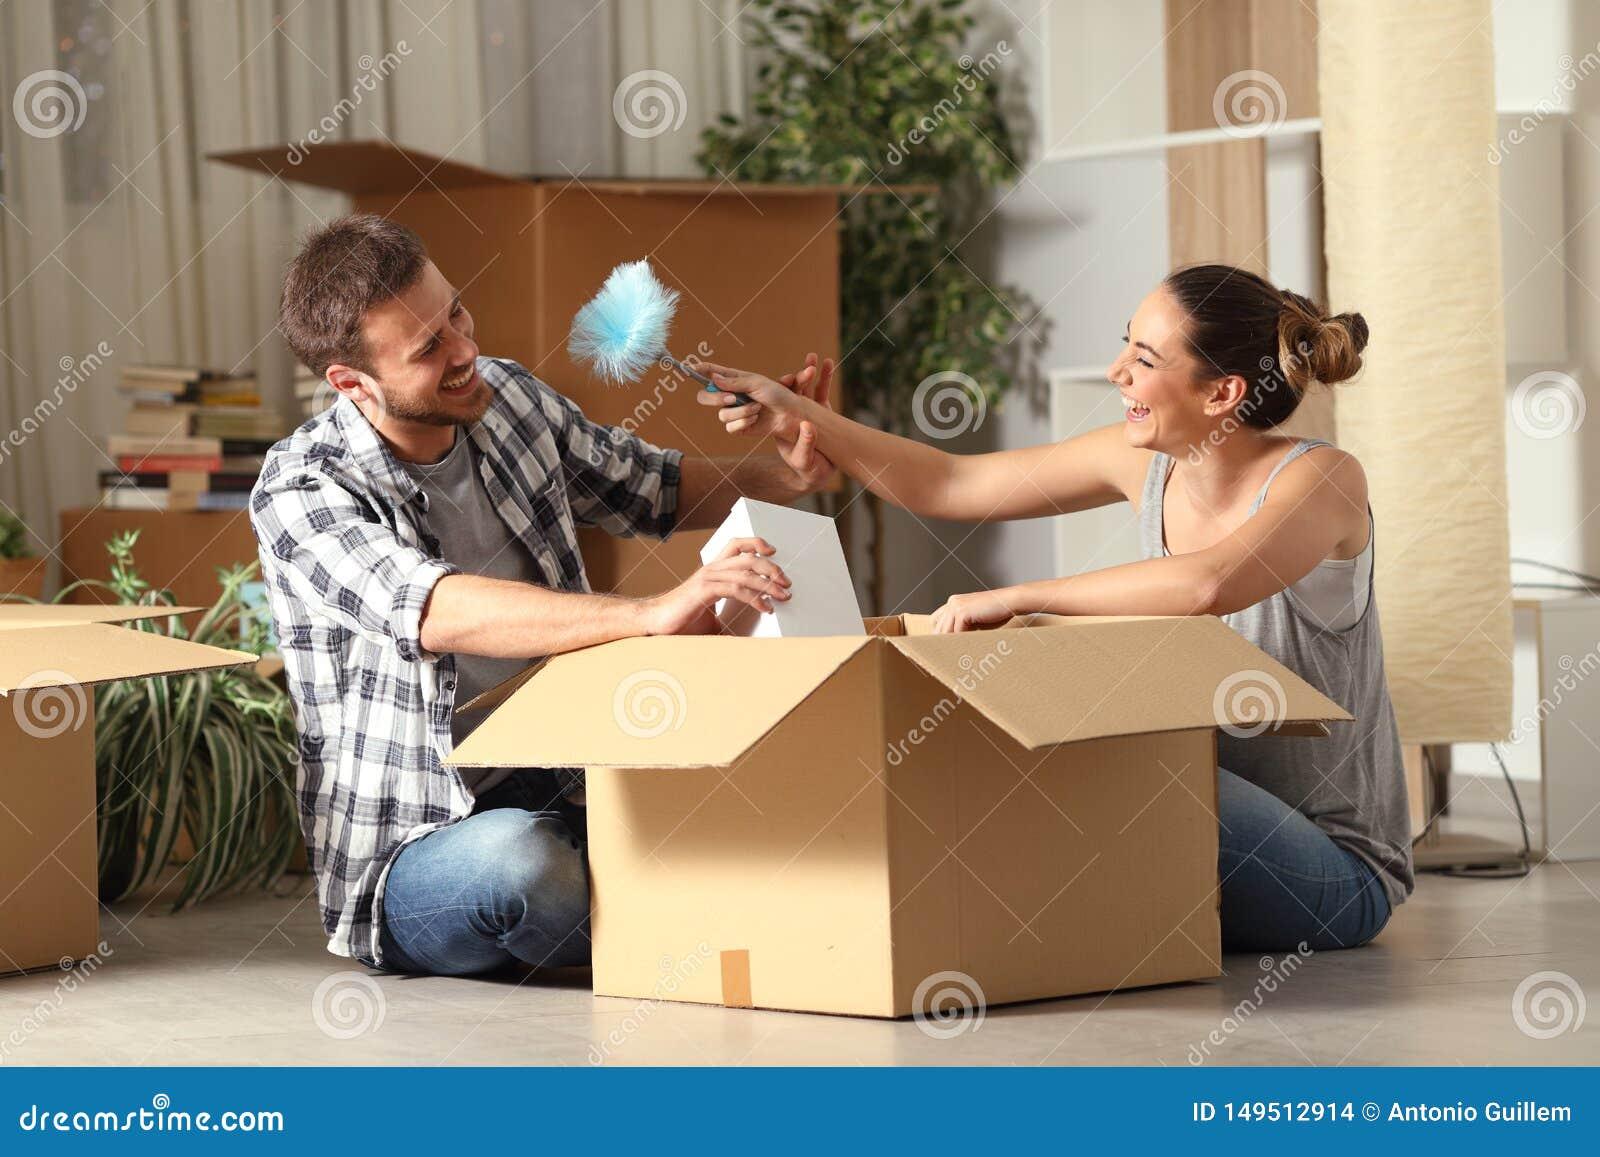 Gelukkige paar het gekscheren unboxing bezittingen die zich naar huis bewegen